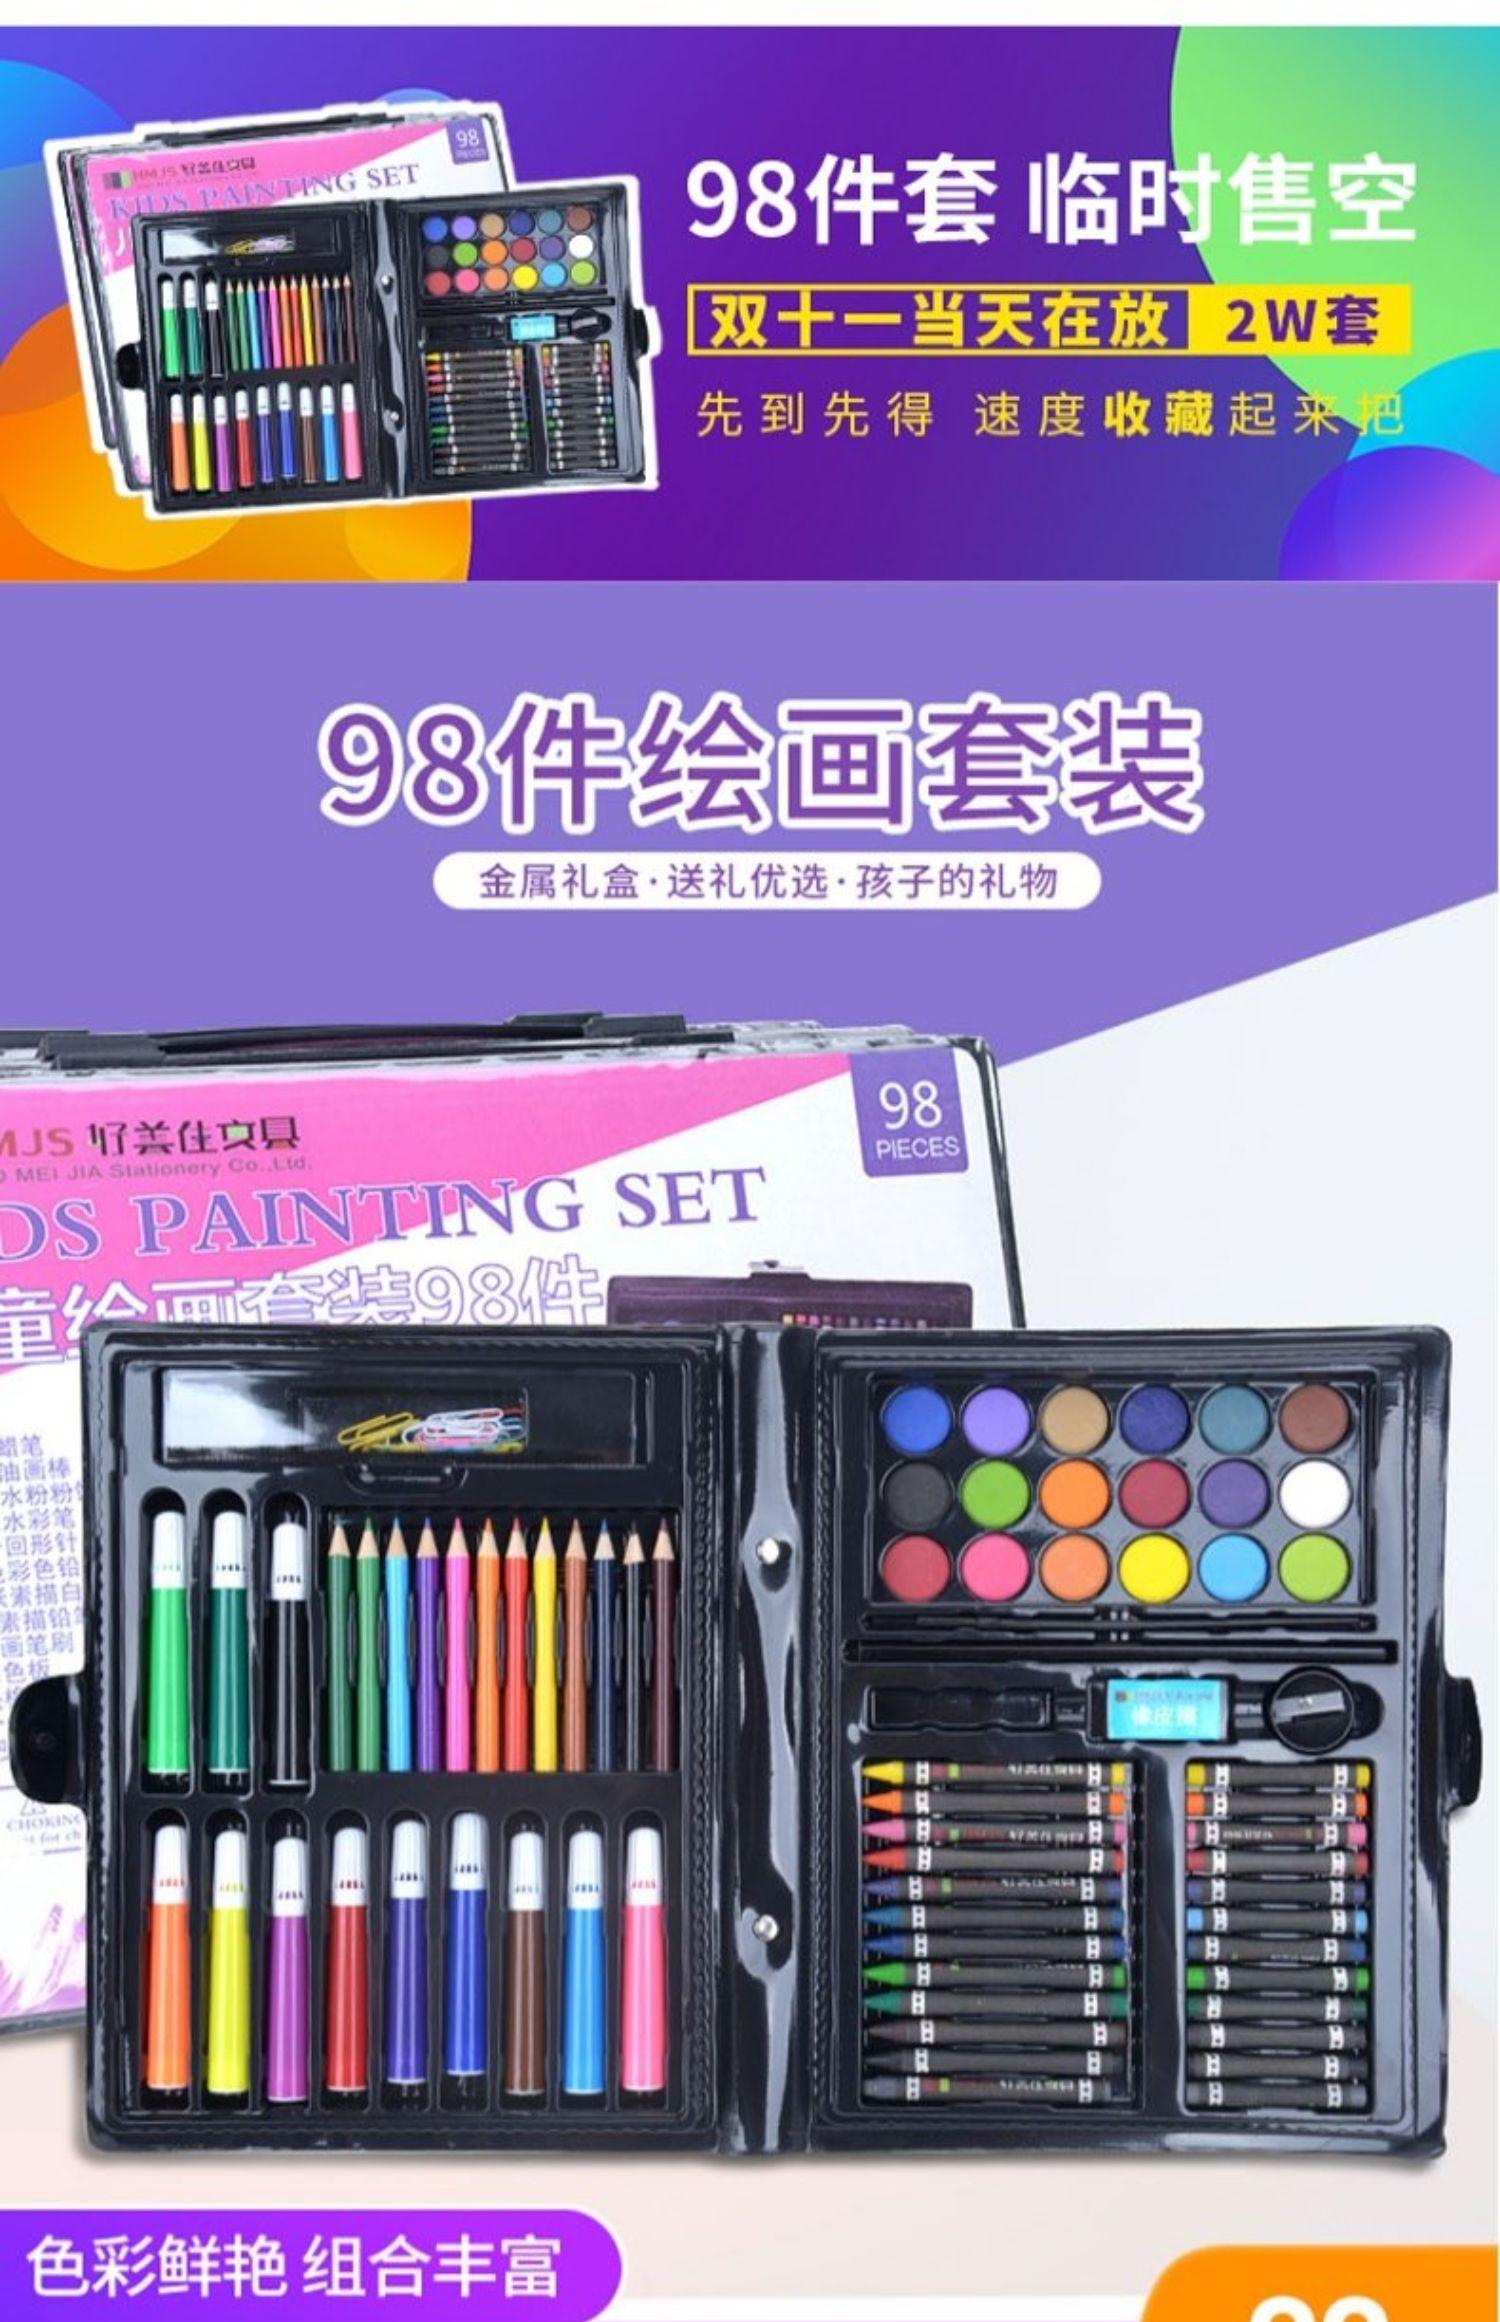 【薇娅推荐】儿童绘画彩笔98件套